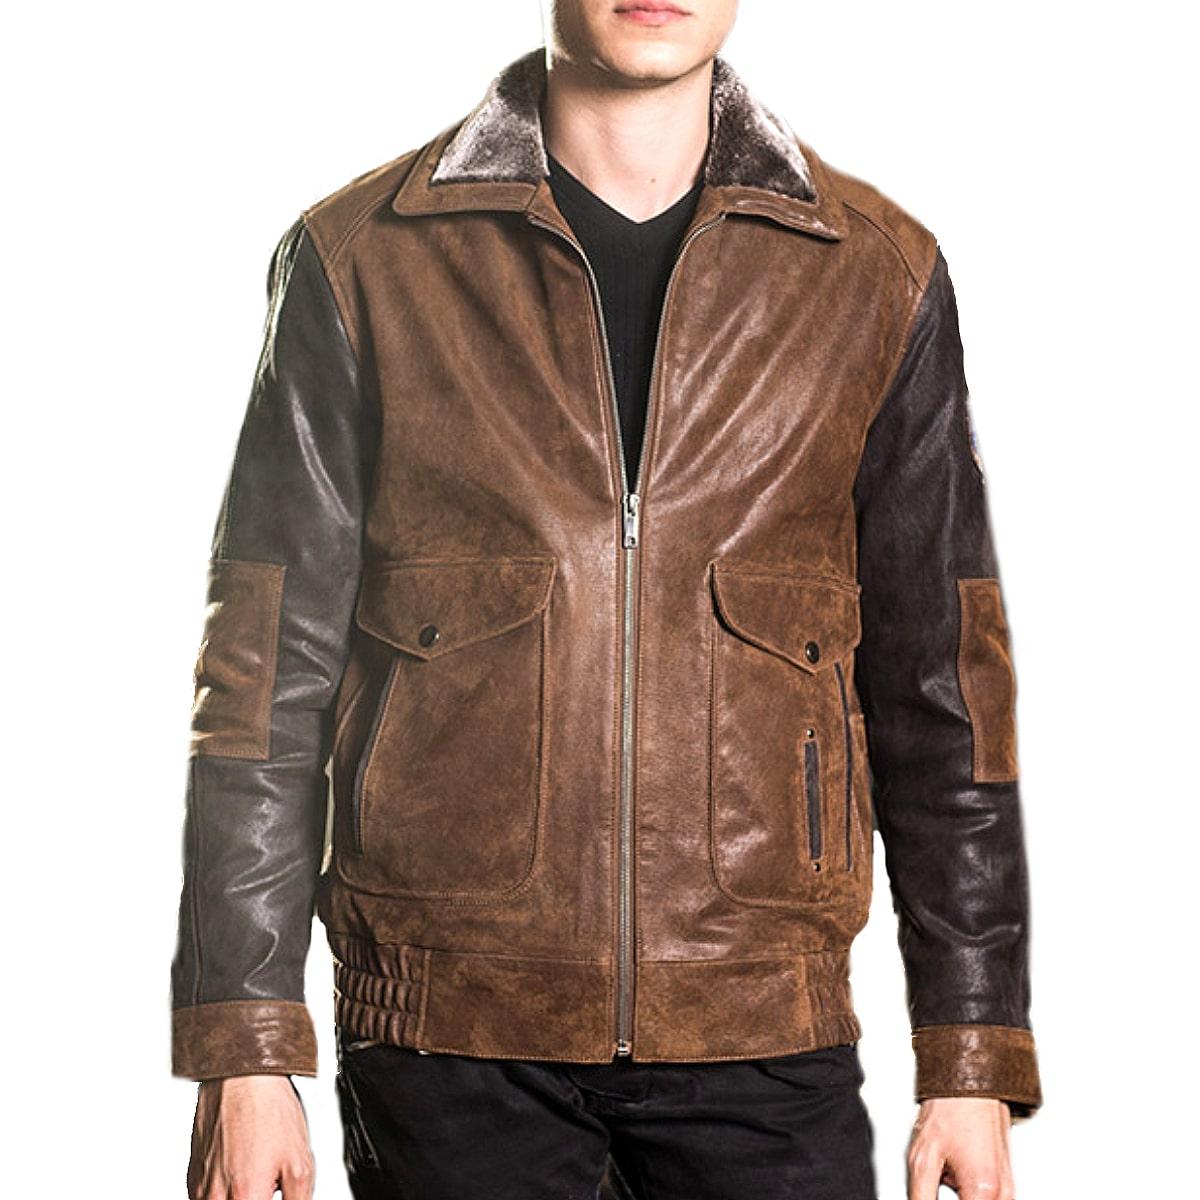 【送料無料!】全9サイズ! [Men's Air Force Vintage Pigskin Genuine Leather Jacket] メンズ エアフォース ビンテージ ピッグスキン ジェニュインレザージャケット! 本革 豚革 革ジャン ライダース ブラウン フェイクファー コート アウター バイクに!